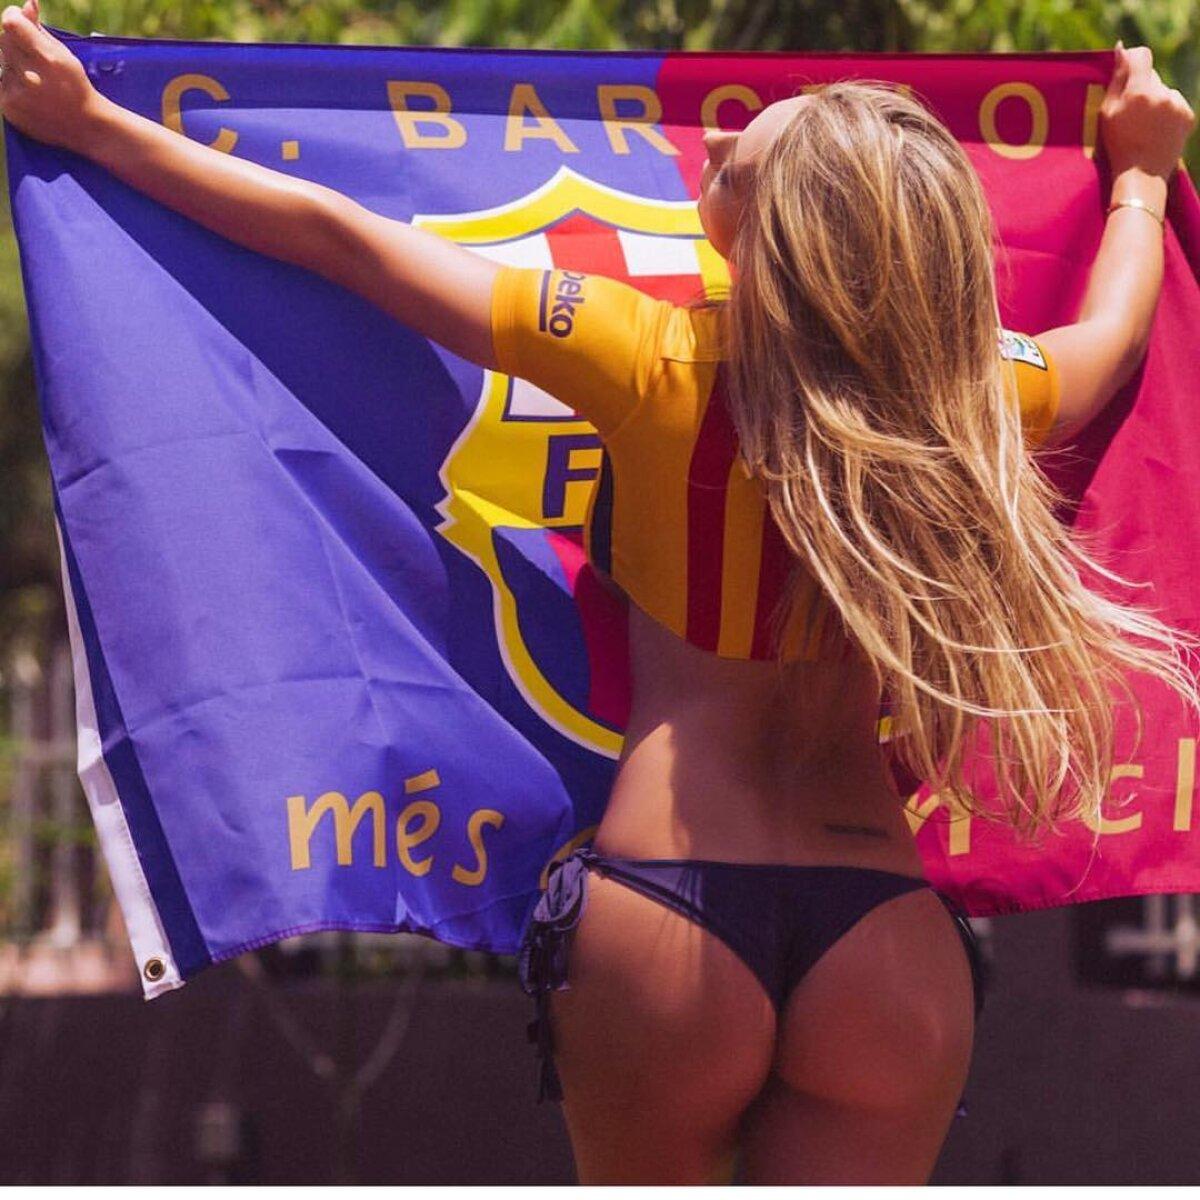 Ea salvează El Clasico! Livia Gullo i-a înnebunit pe bărbați cu pozele ei de pe Instagram